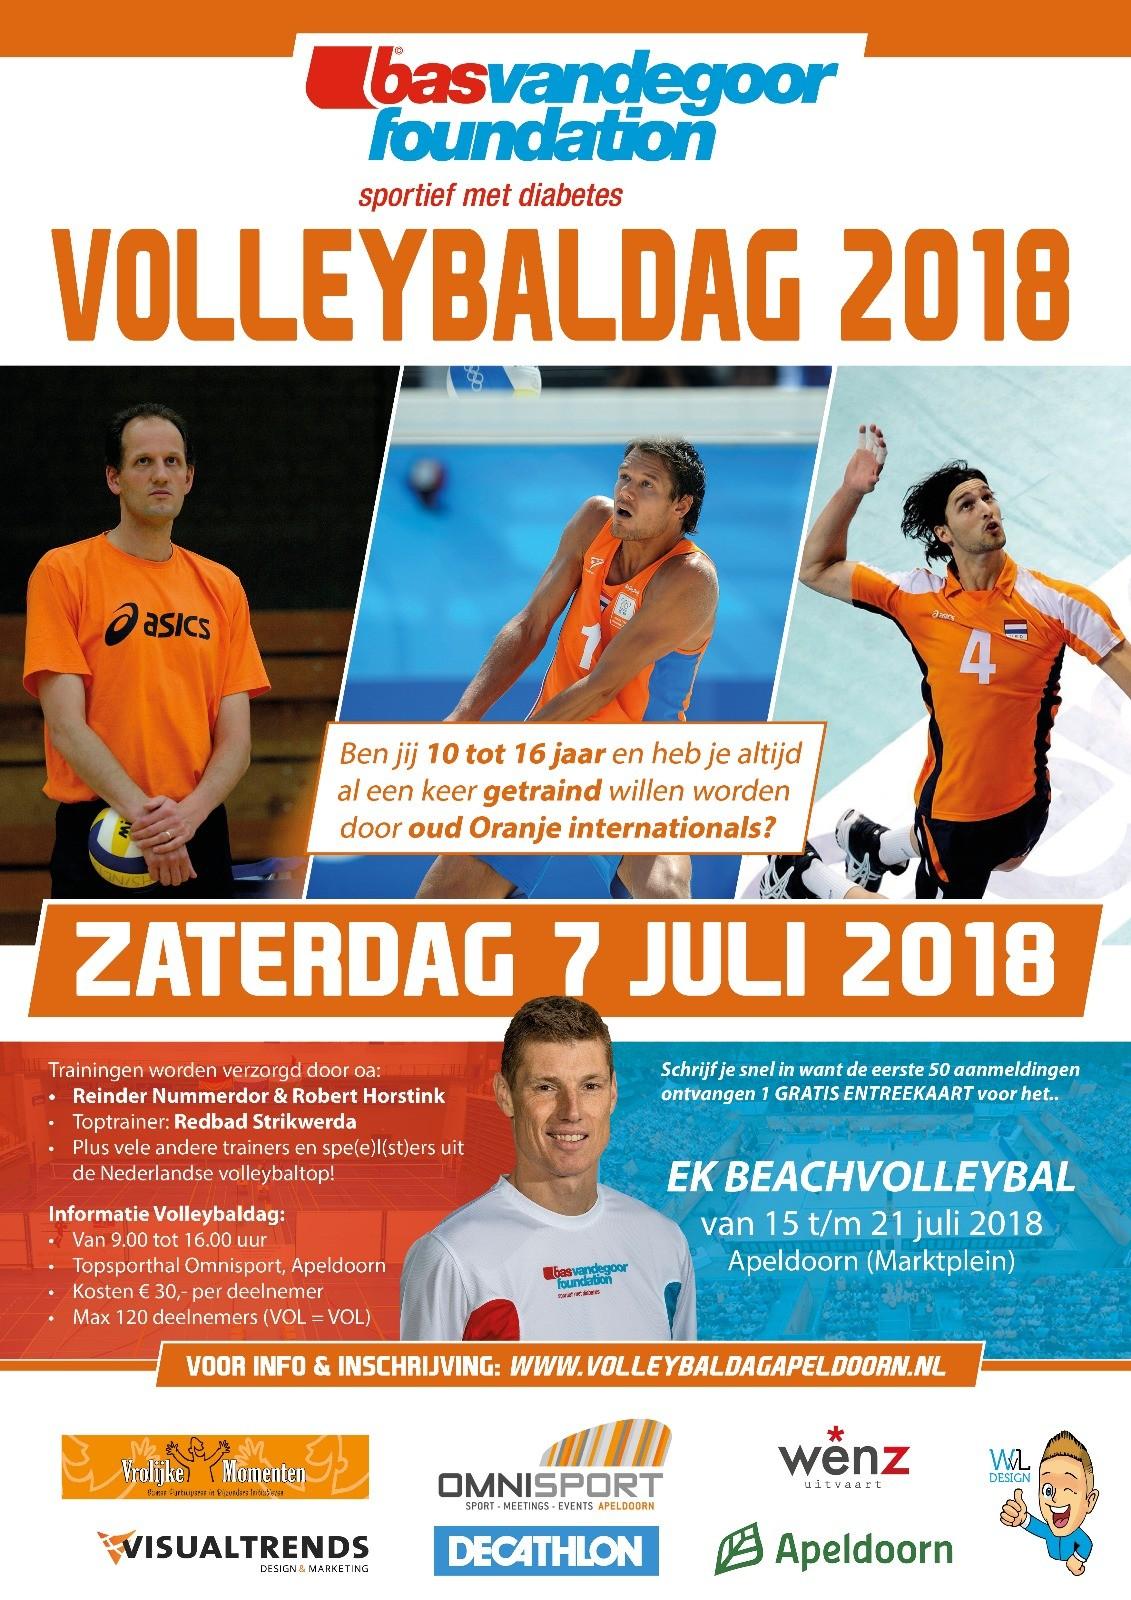 Wenz Uitvaart en volleybal